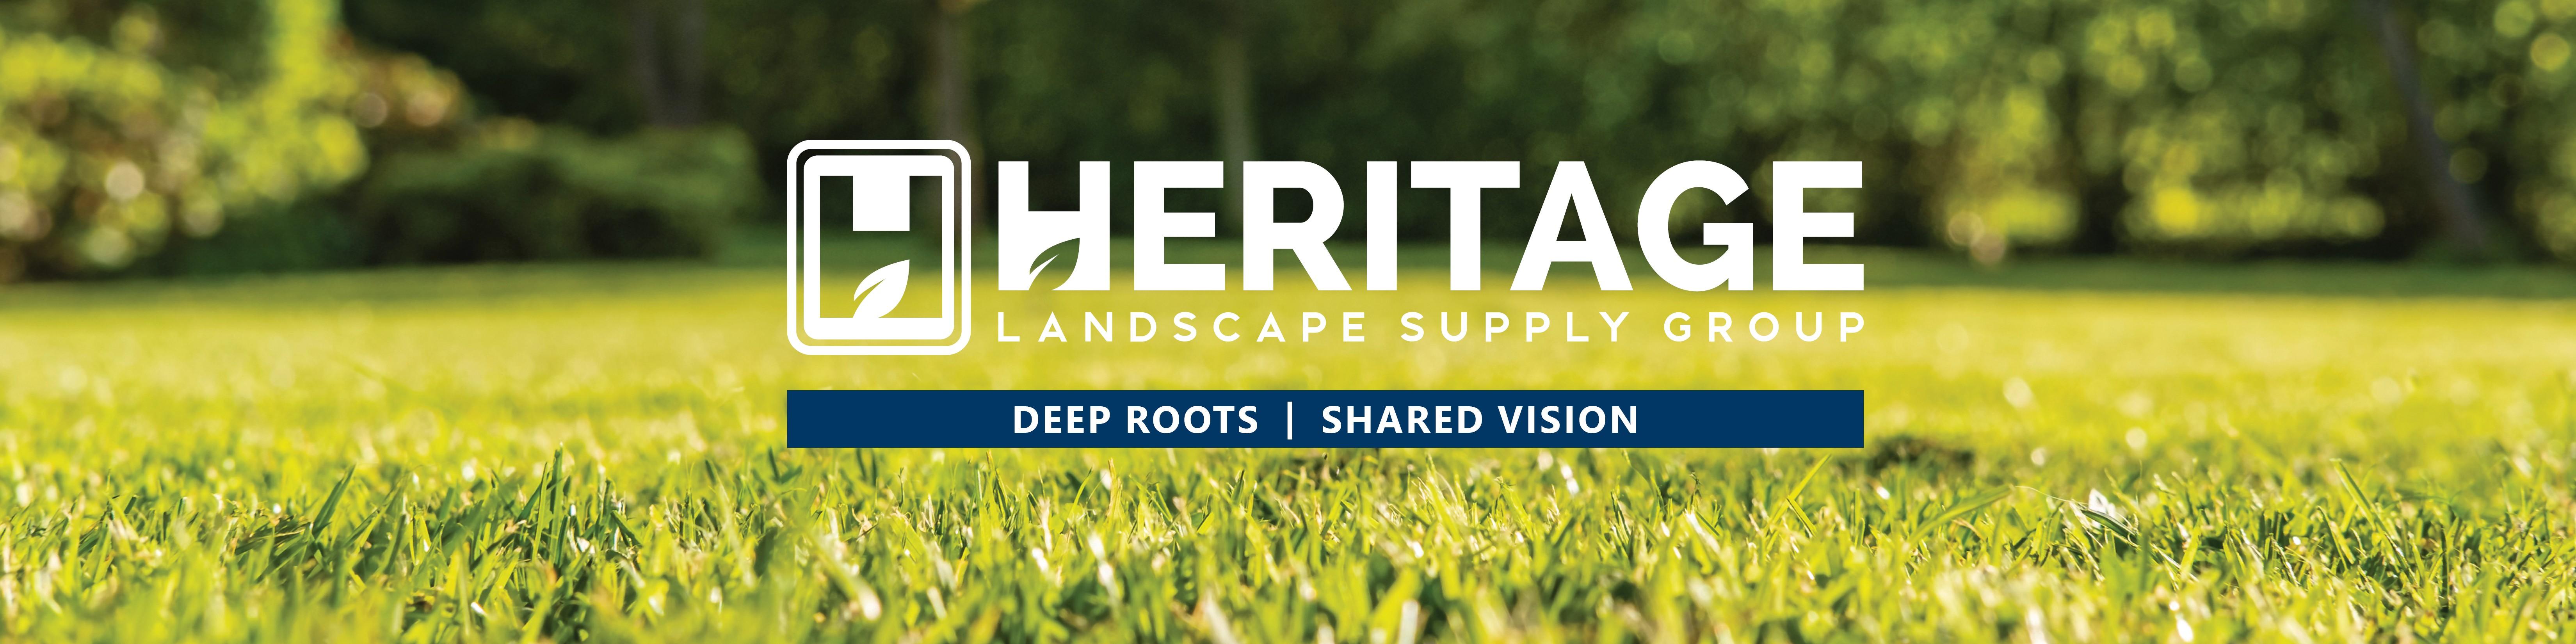 Heritage Landscape Supply Group, Inc    LinkedIn